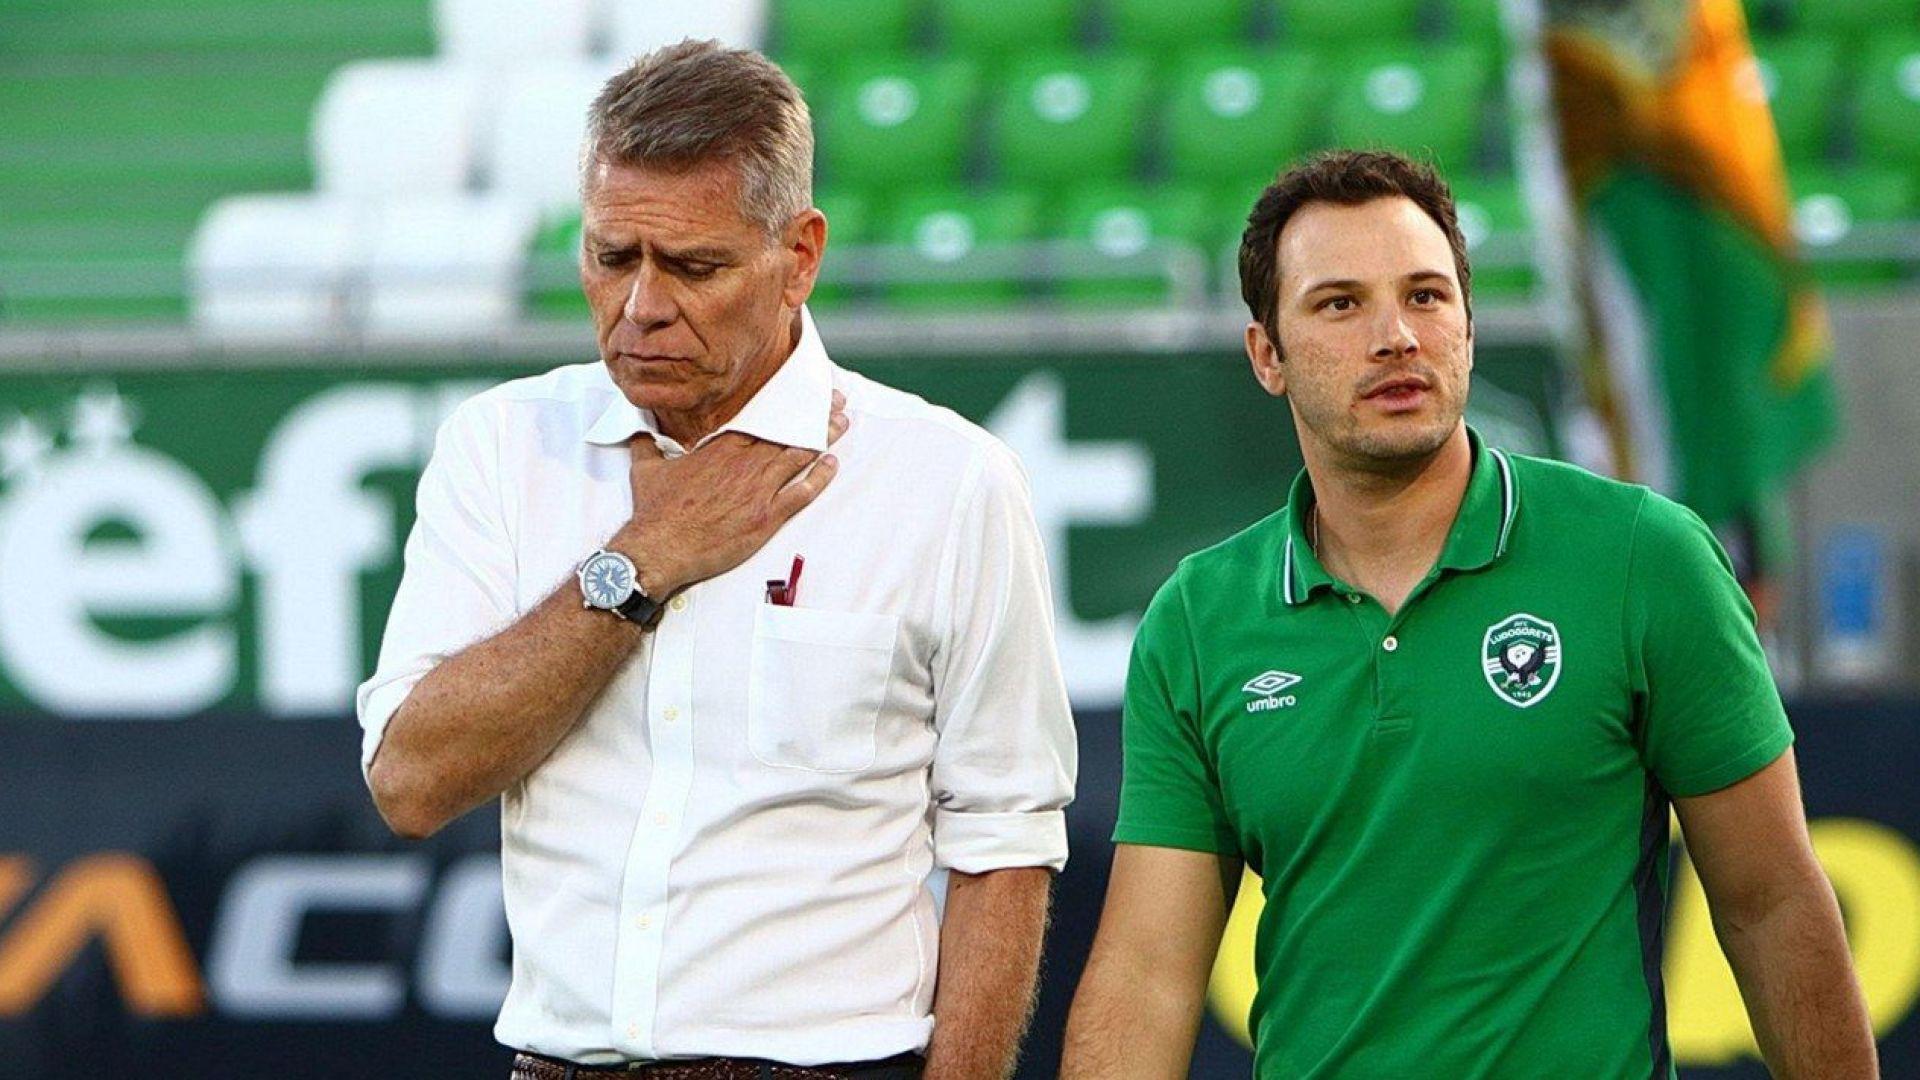 Треньорът на Лудогорец: Няма съмнение - Леверкузен бе по-добър от нас